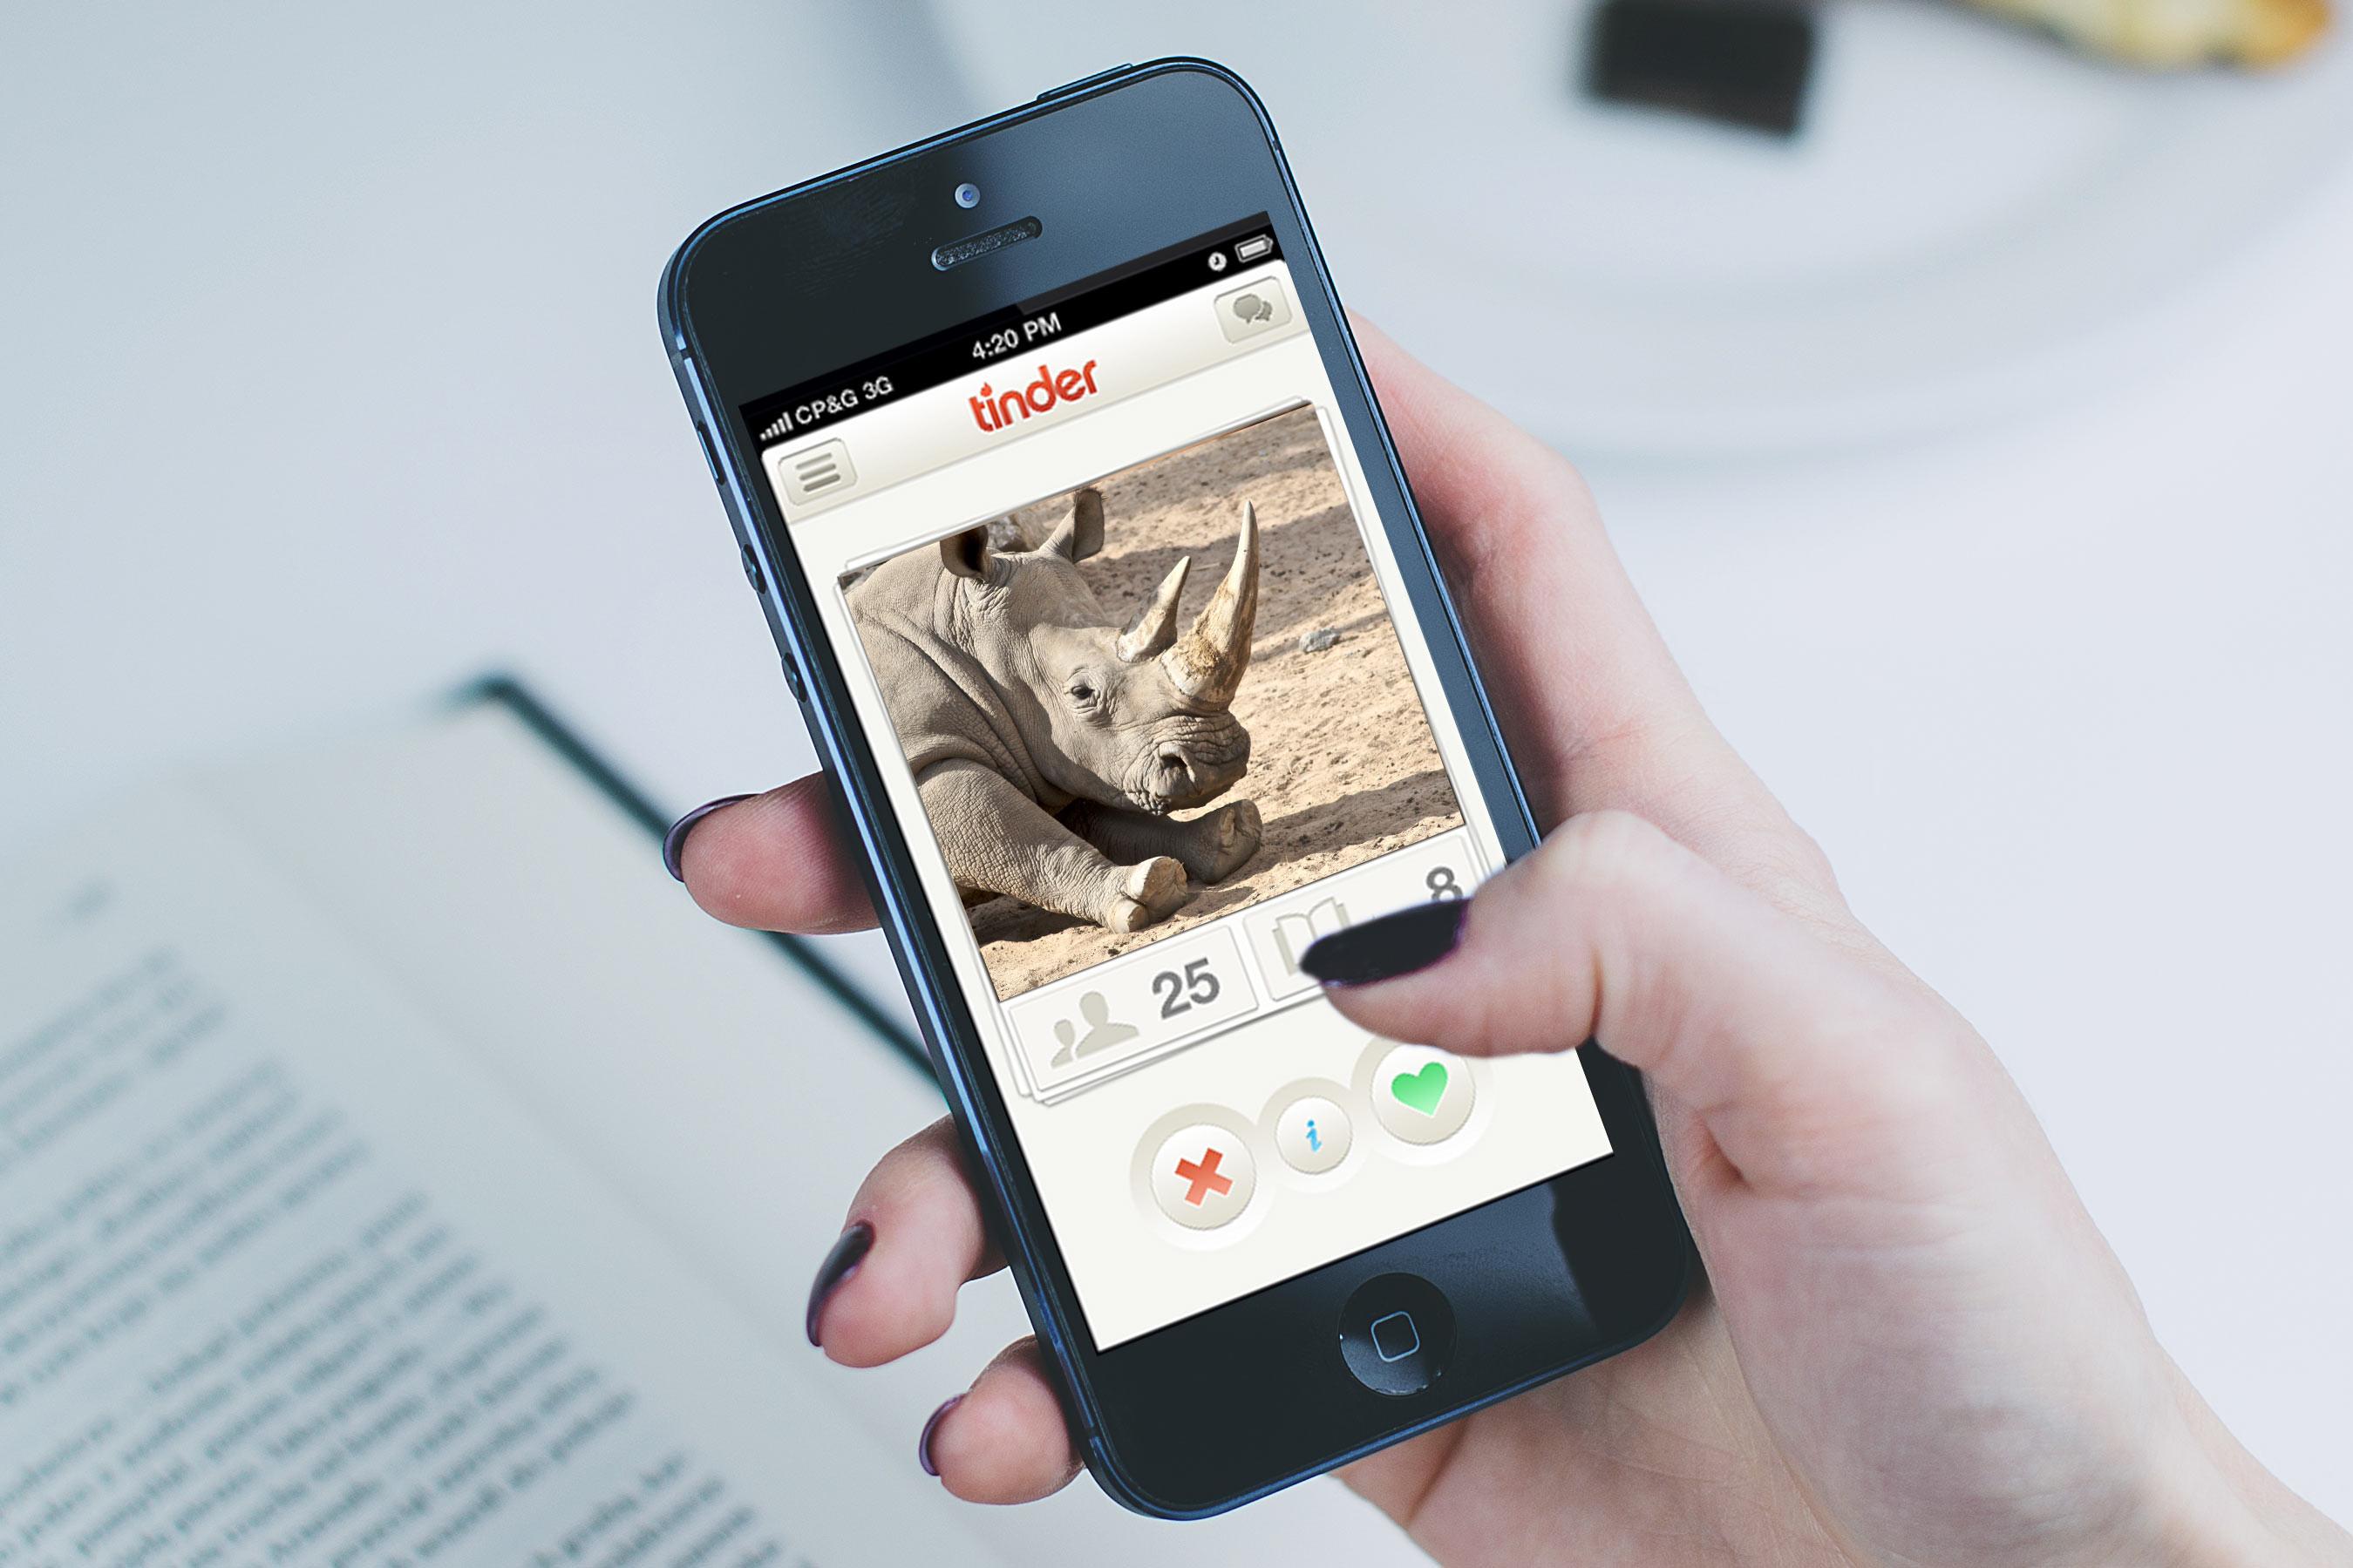 """<p>Коллаж &copy; L!FE Фото: &copy; <a href=""""https://www.flickr.com/photos/7326810@N08/3531515303/"""" target=""""_blank"""">flickr.com/Jean</a>&nbsp;/&nbsp;<a href=""""https://www.flickr.com/photos/freestocks/25783336393/"""" target=""""_blank"""">flickr.com/freestocks.org</a></p>"""